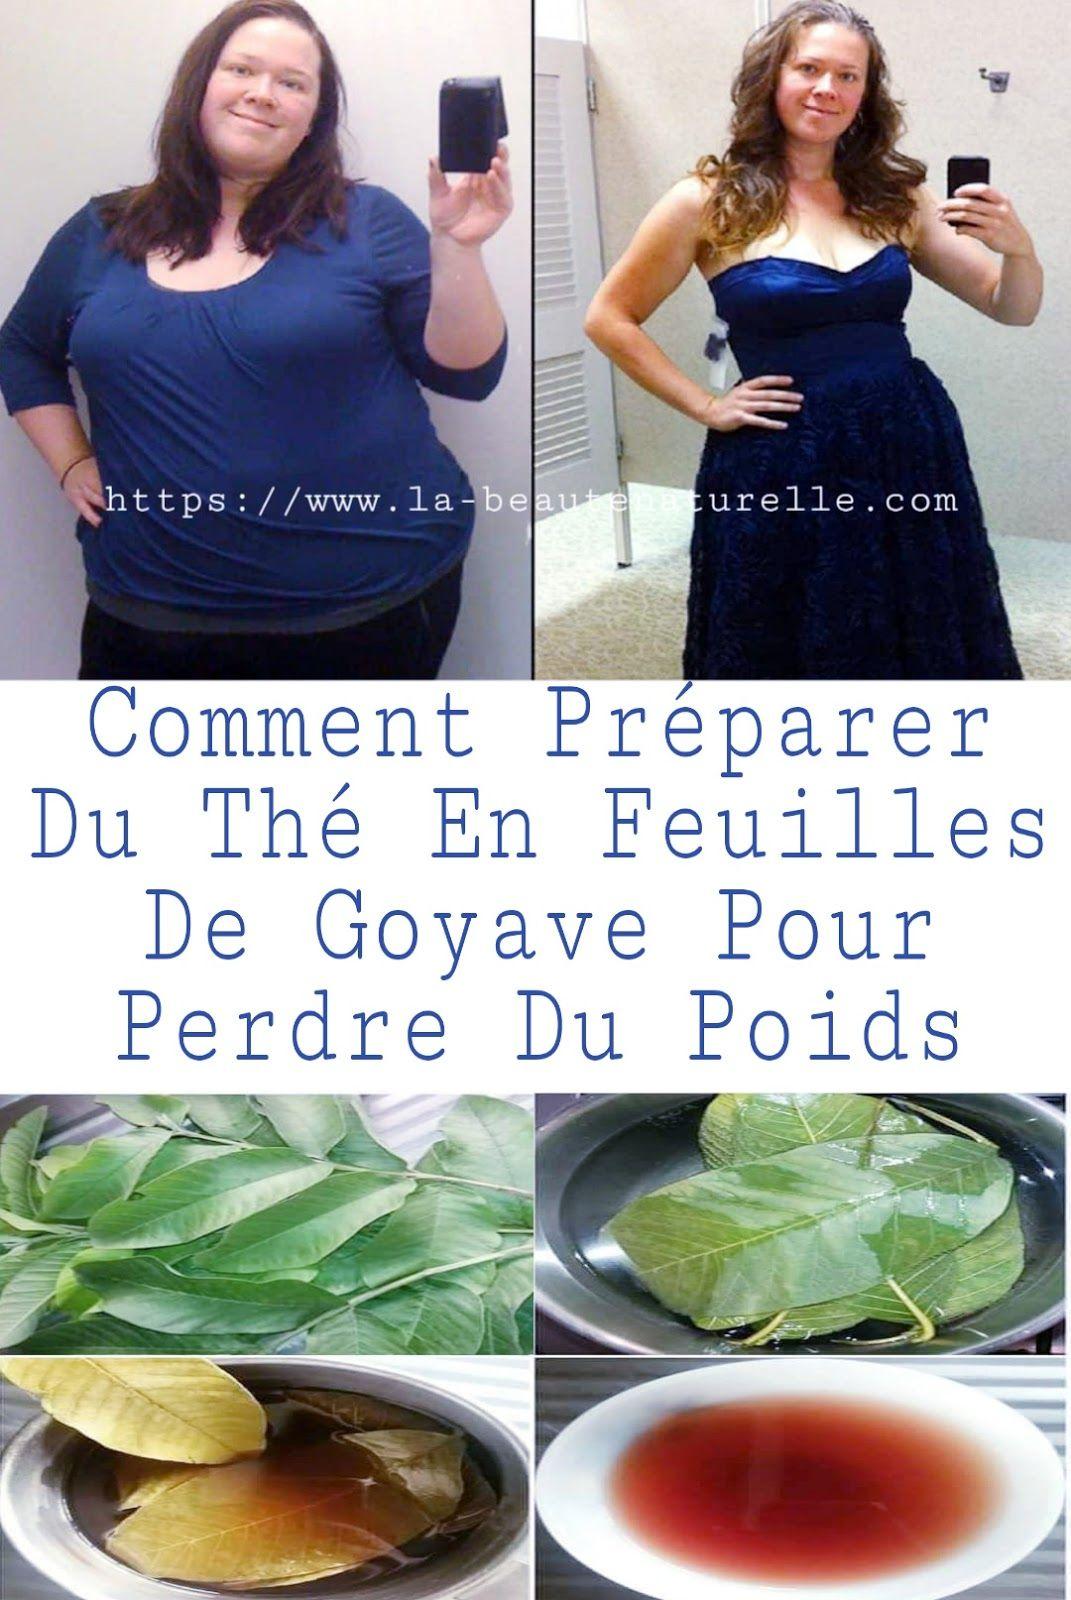 perdre du poids avec des feuilles de goyave